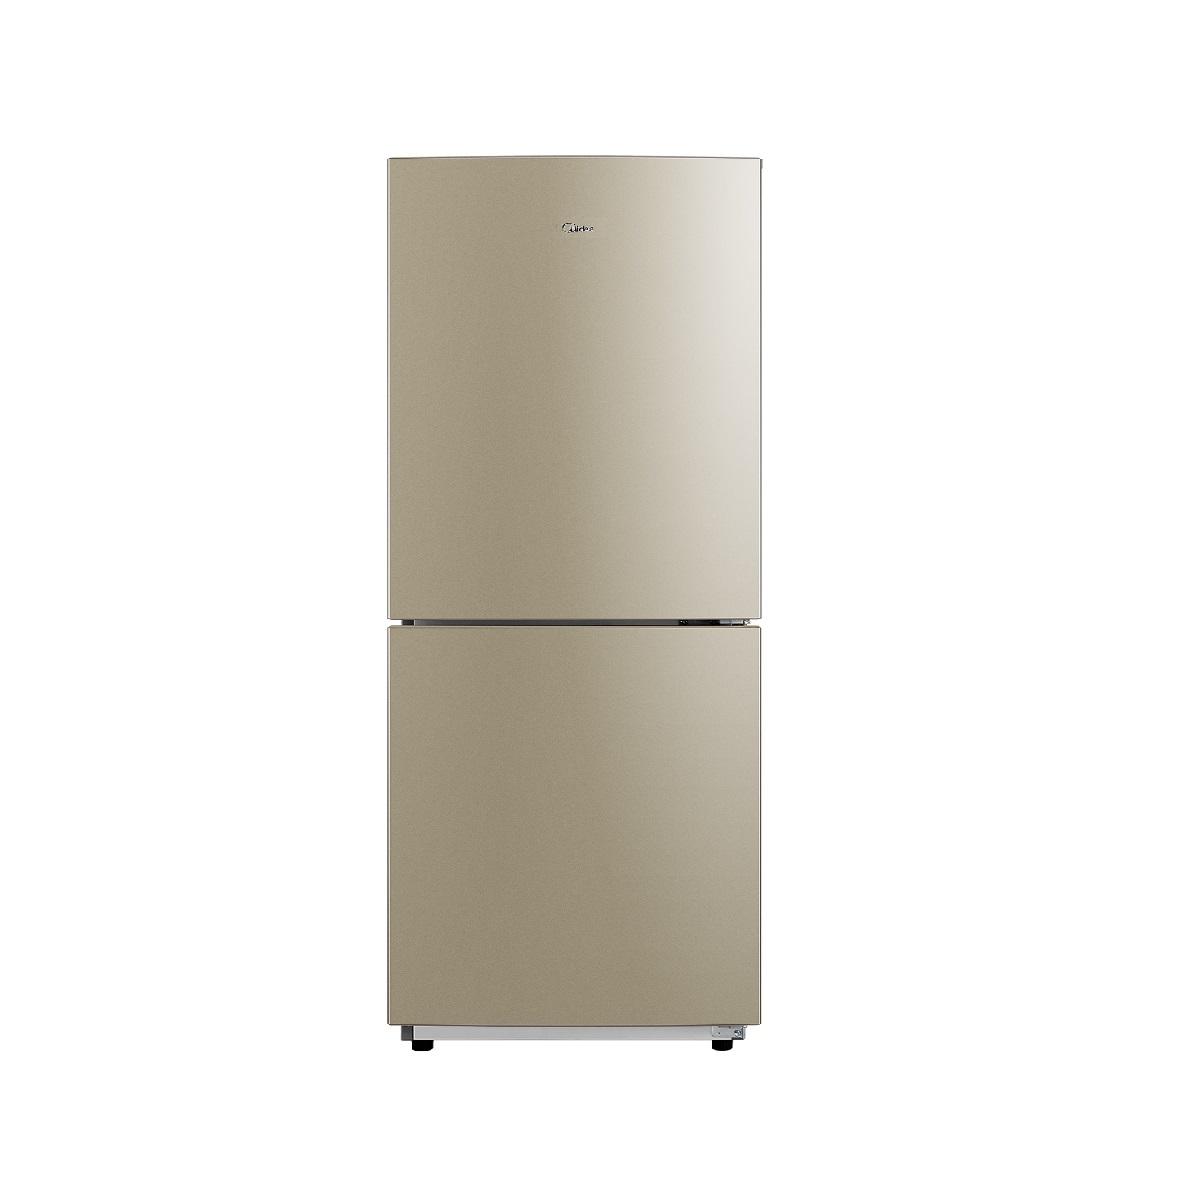 Midea/美的 BCD-207WM冰箱 说明书.pdf